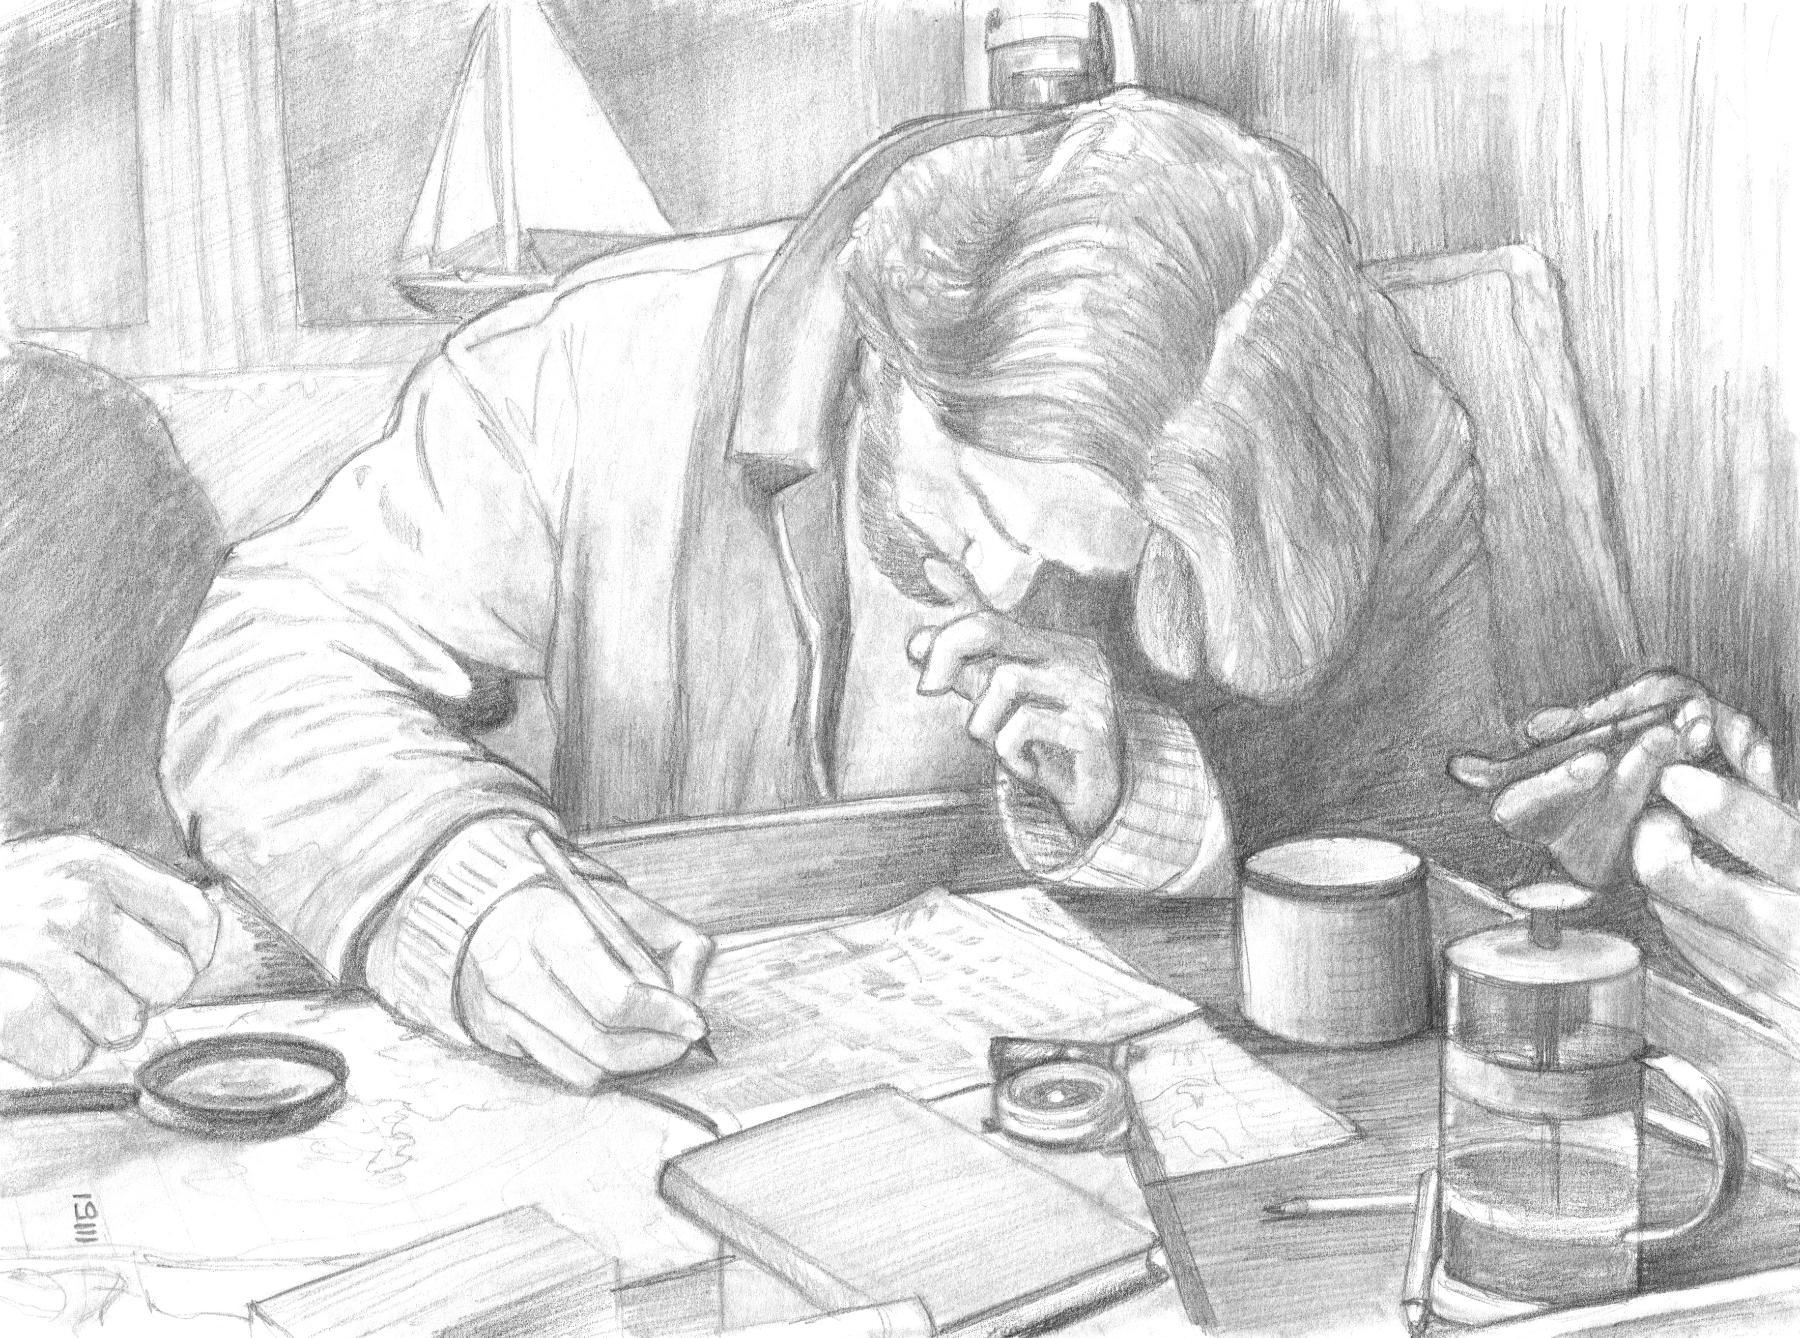 """<span style=""""color: #ff0000;""""><a style=""""color: #ff0000;"""" href=""""mailto:info@loartiste.com?subject=Défi 15 dessins 15 semaines - Plan sur la comète""""> Contacter l'artiste</a></span> Lo - Plan sur la comète - 150$  (transaction directement avec l'artiste) - Crayon graphite sur papier - environ 23 x 30 cm"""